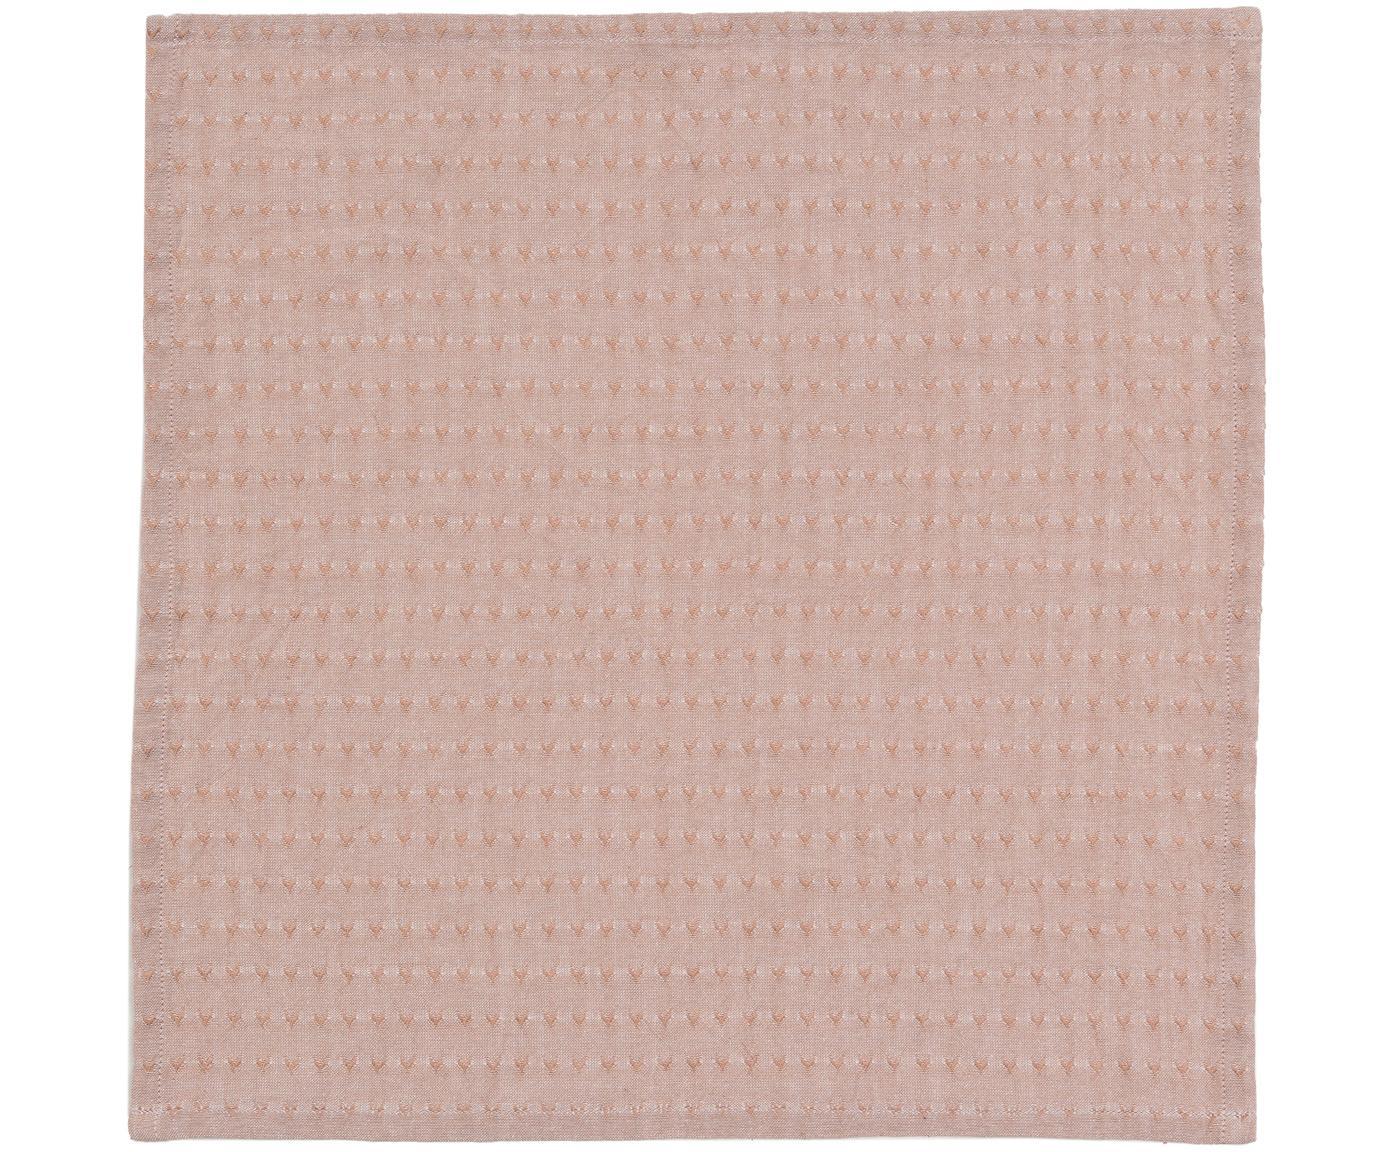 Serwetka z bawełny Napel, 4 szt., Bawełna, Brązowy, S 40 x D 40 cm